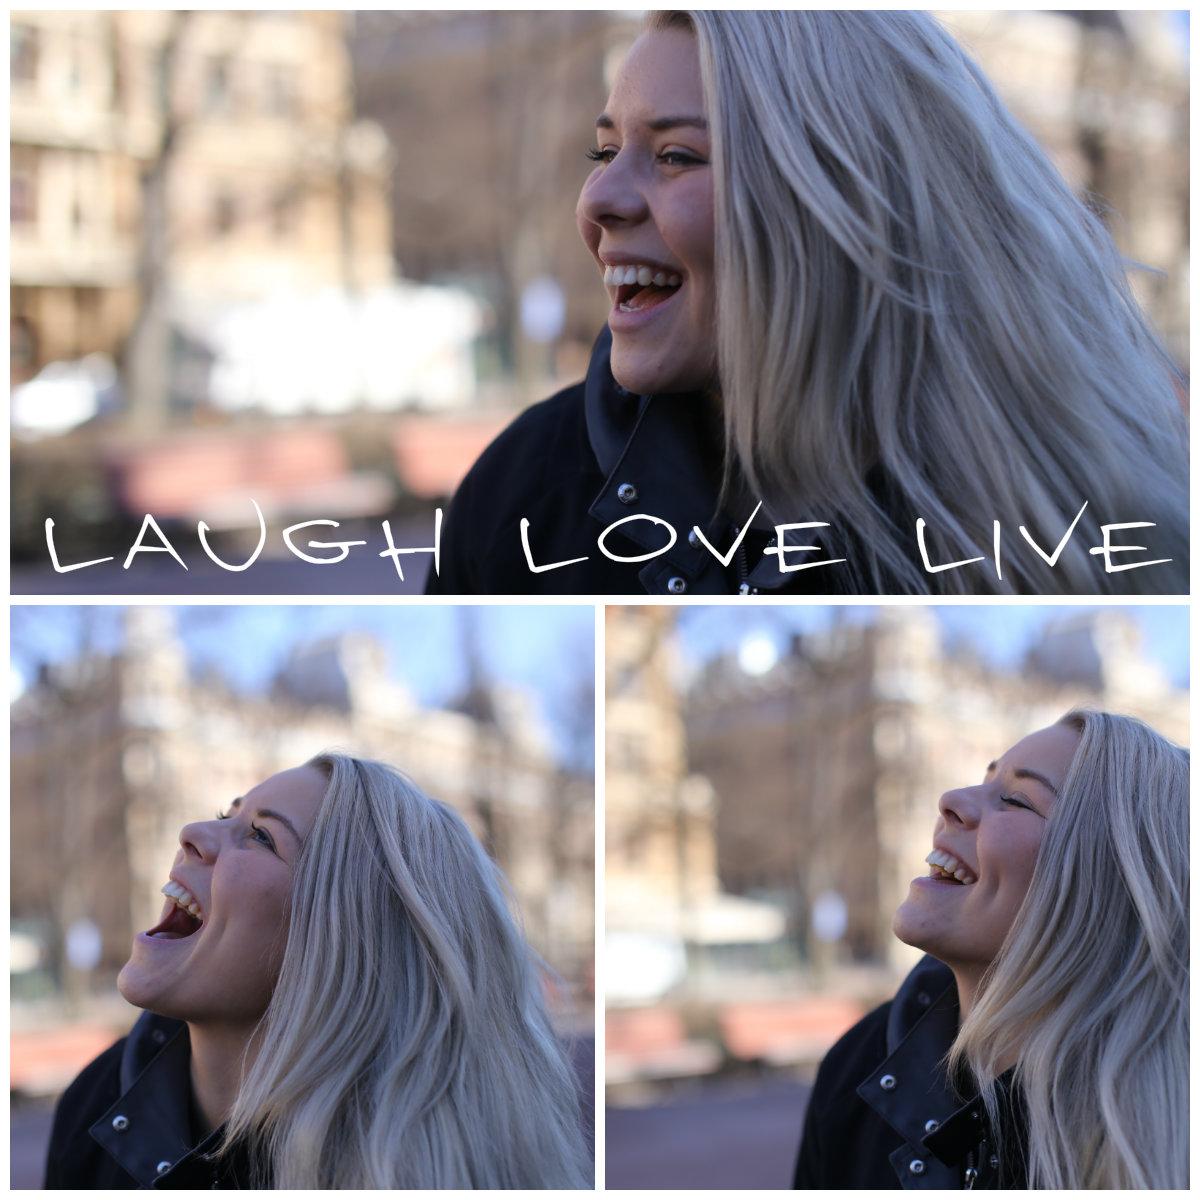 laughlovelive_eevsku